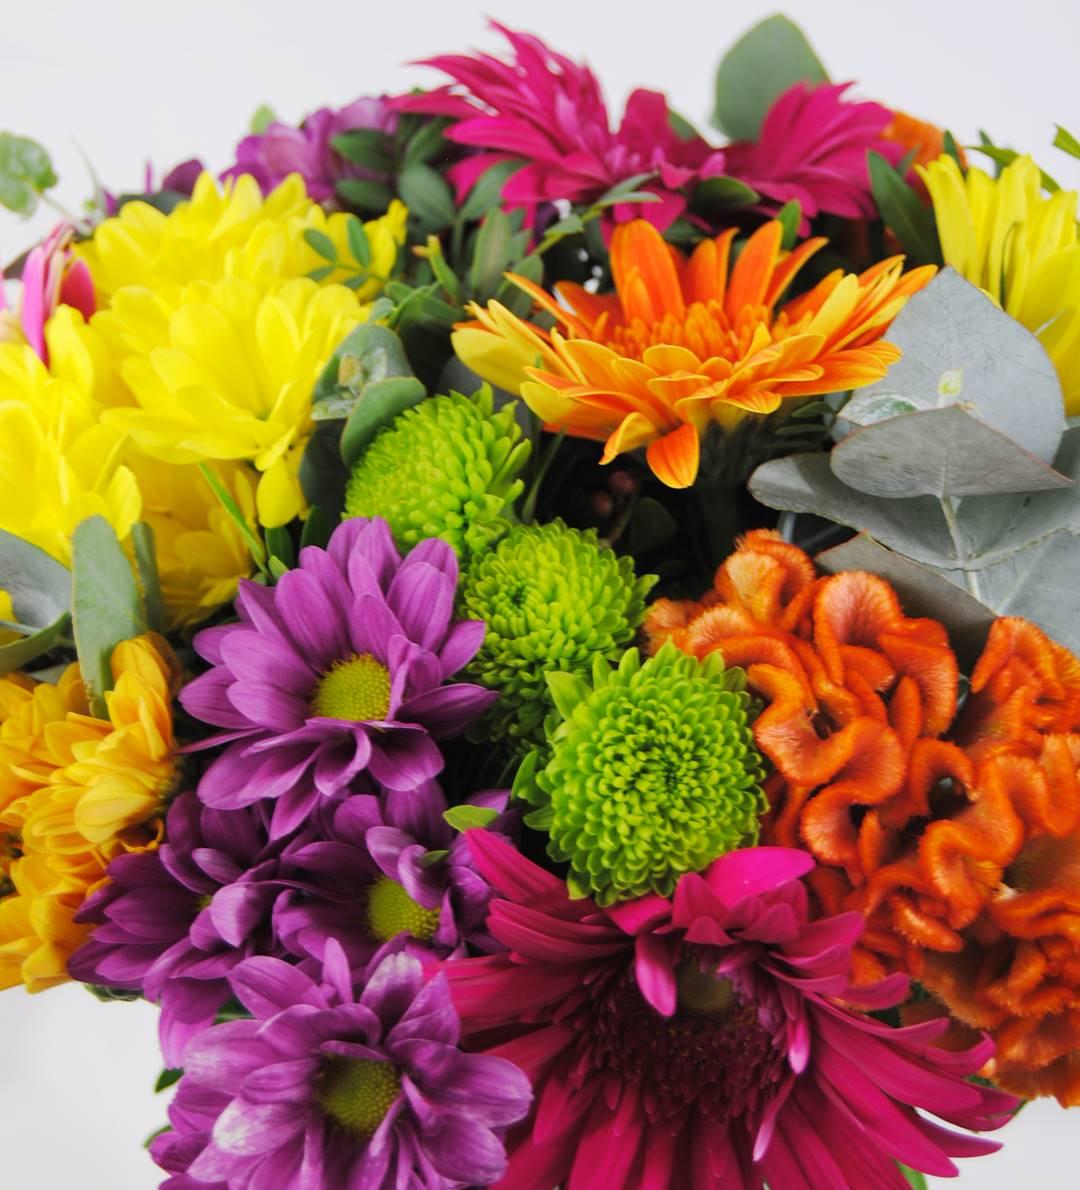 ramo de flores con margarita amarilla, margarita fucsia, margarita naranja, margarita verde, celosía naranja, gerbera fucsia, gerbera naranja, gerbera amarilla, gerbera rosa - originalflor